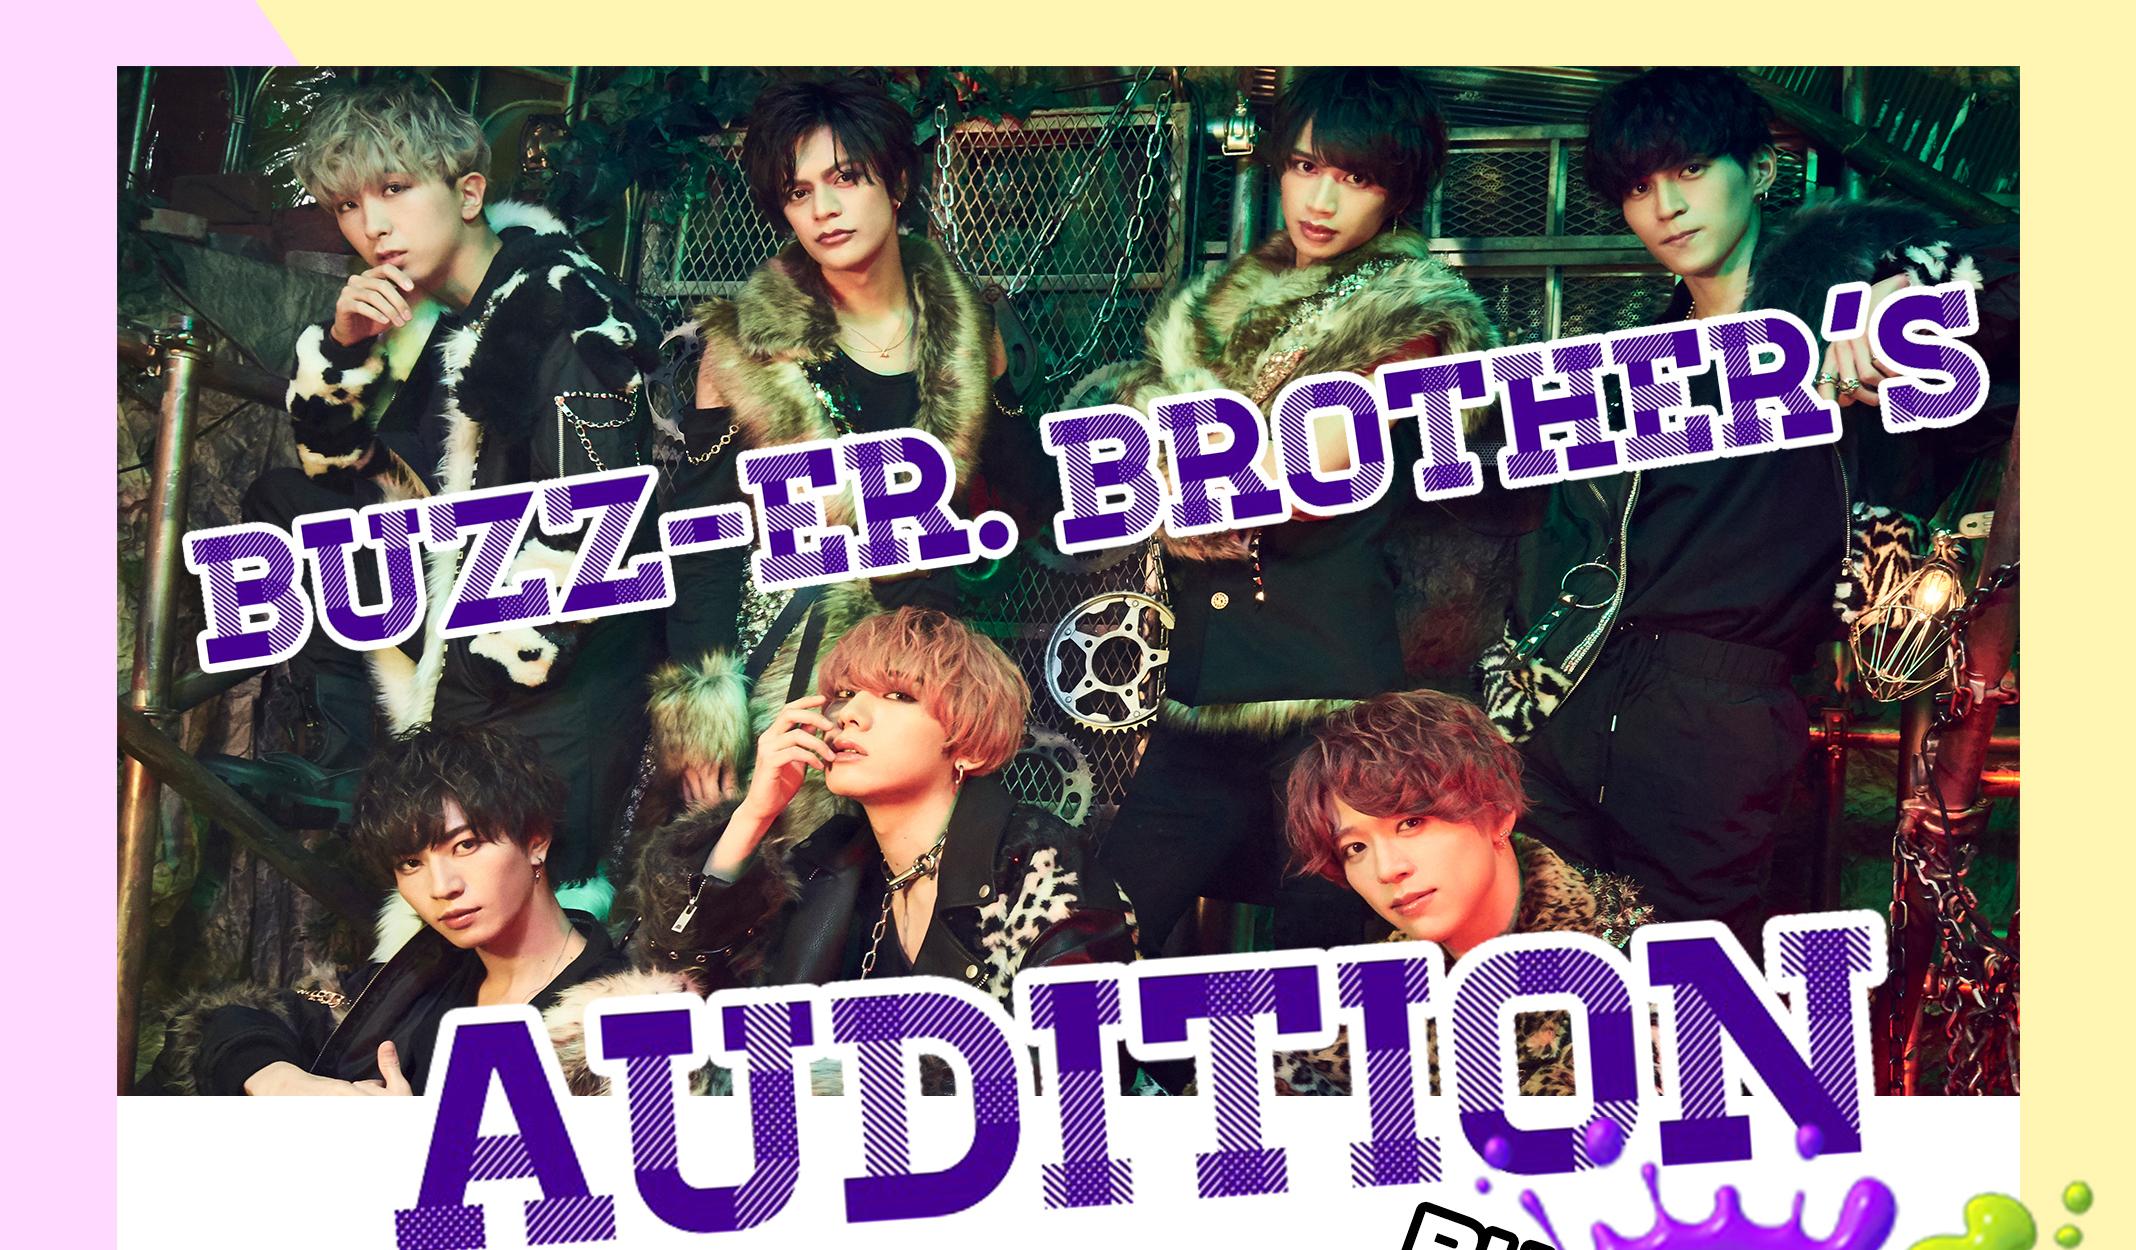 オーディション BUZZ-ER. Brother's Audition BUZZ-ER.弟グループのメンバーを募集 主催:株式会社Buzzer、カテゴリ:メンズアイドル